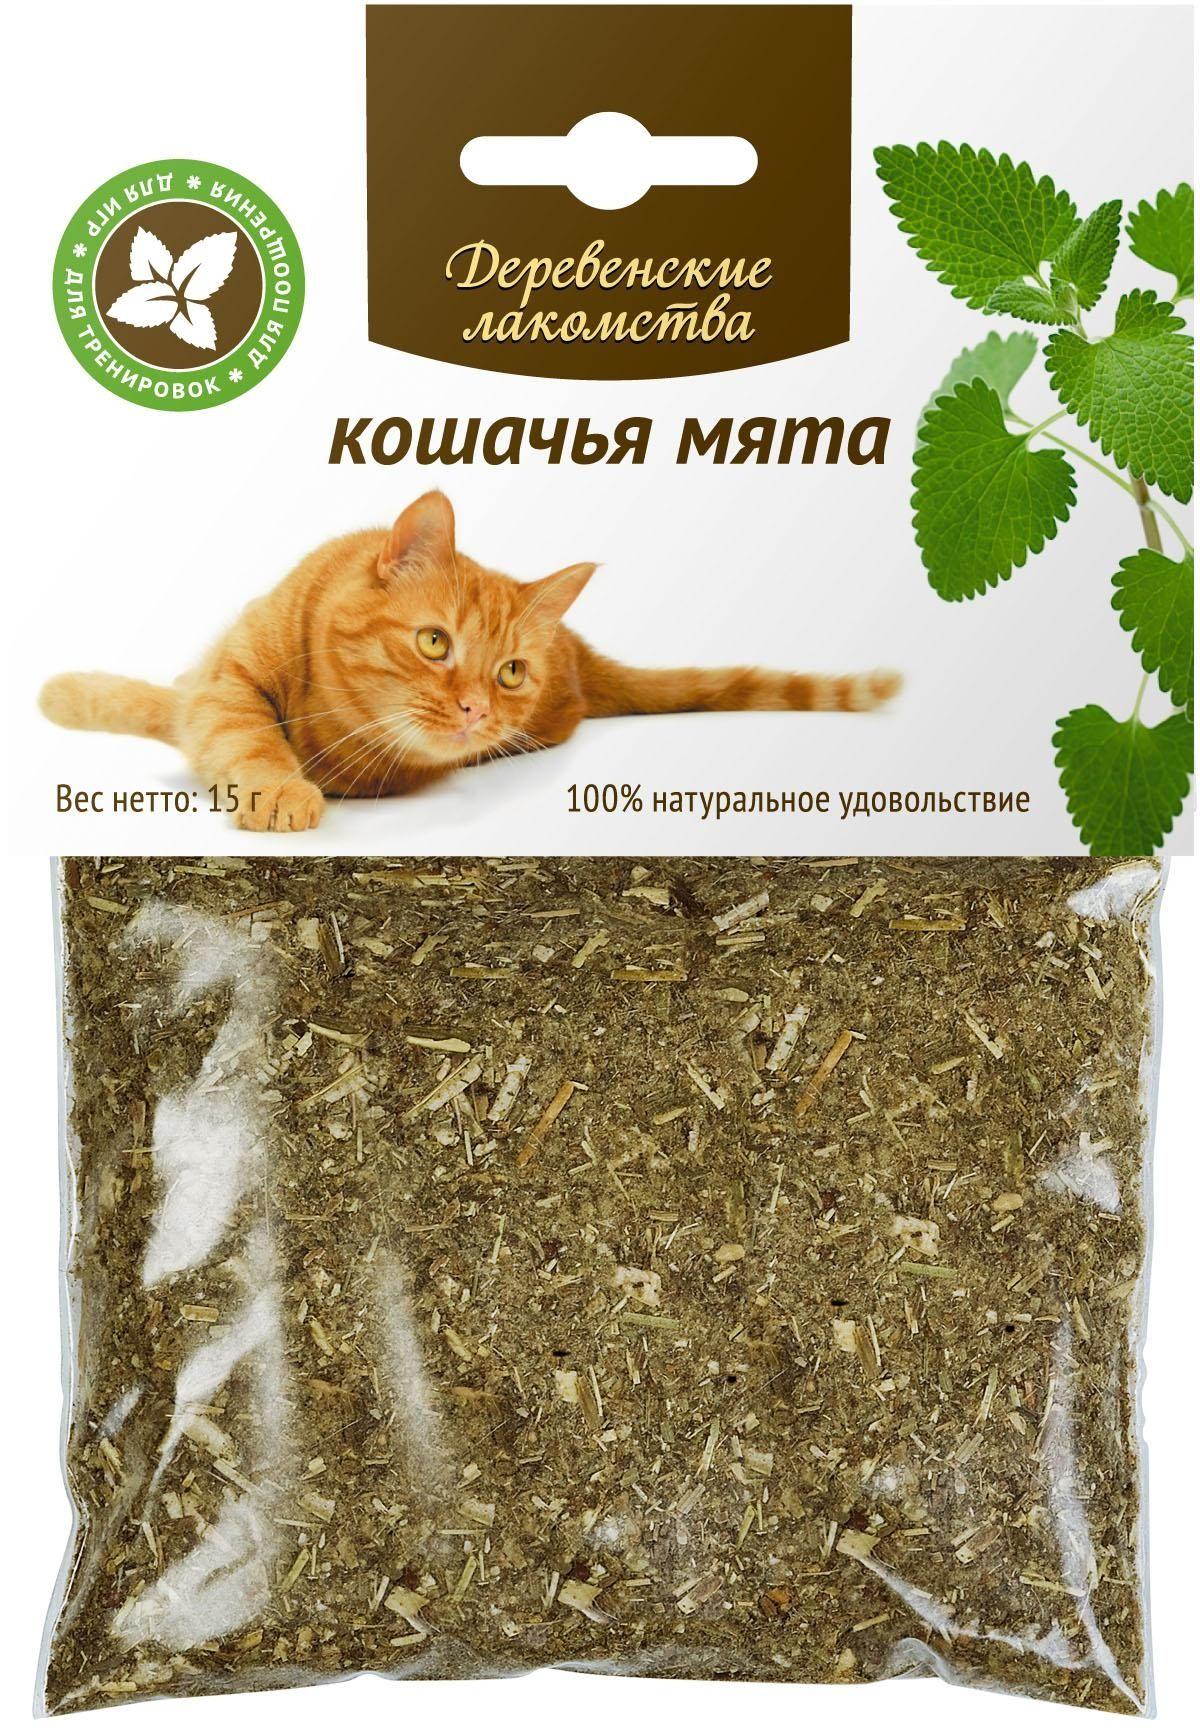 Мята кошачья 'Деревенские лакомства', 15 г Kormberi.ru магазин товаров для ваших животных